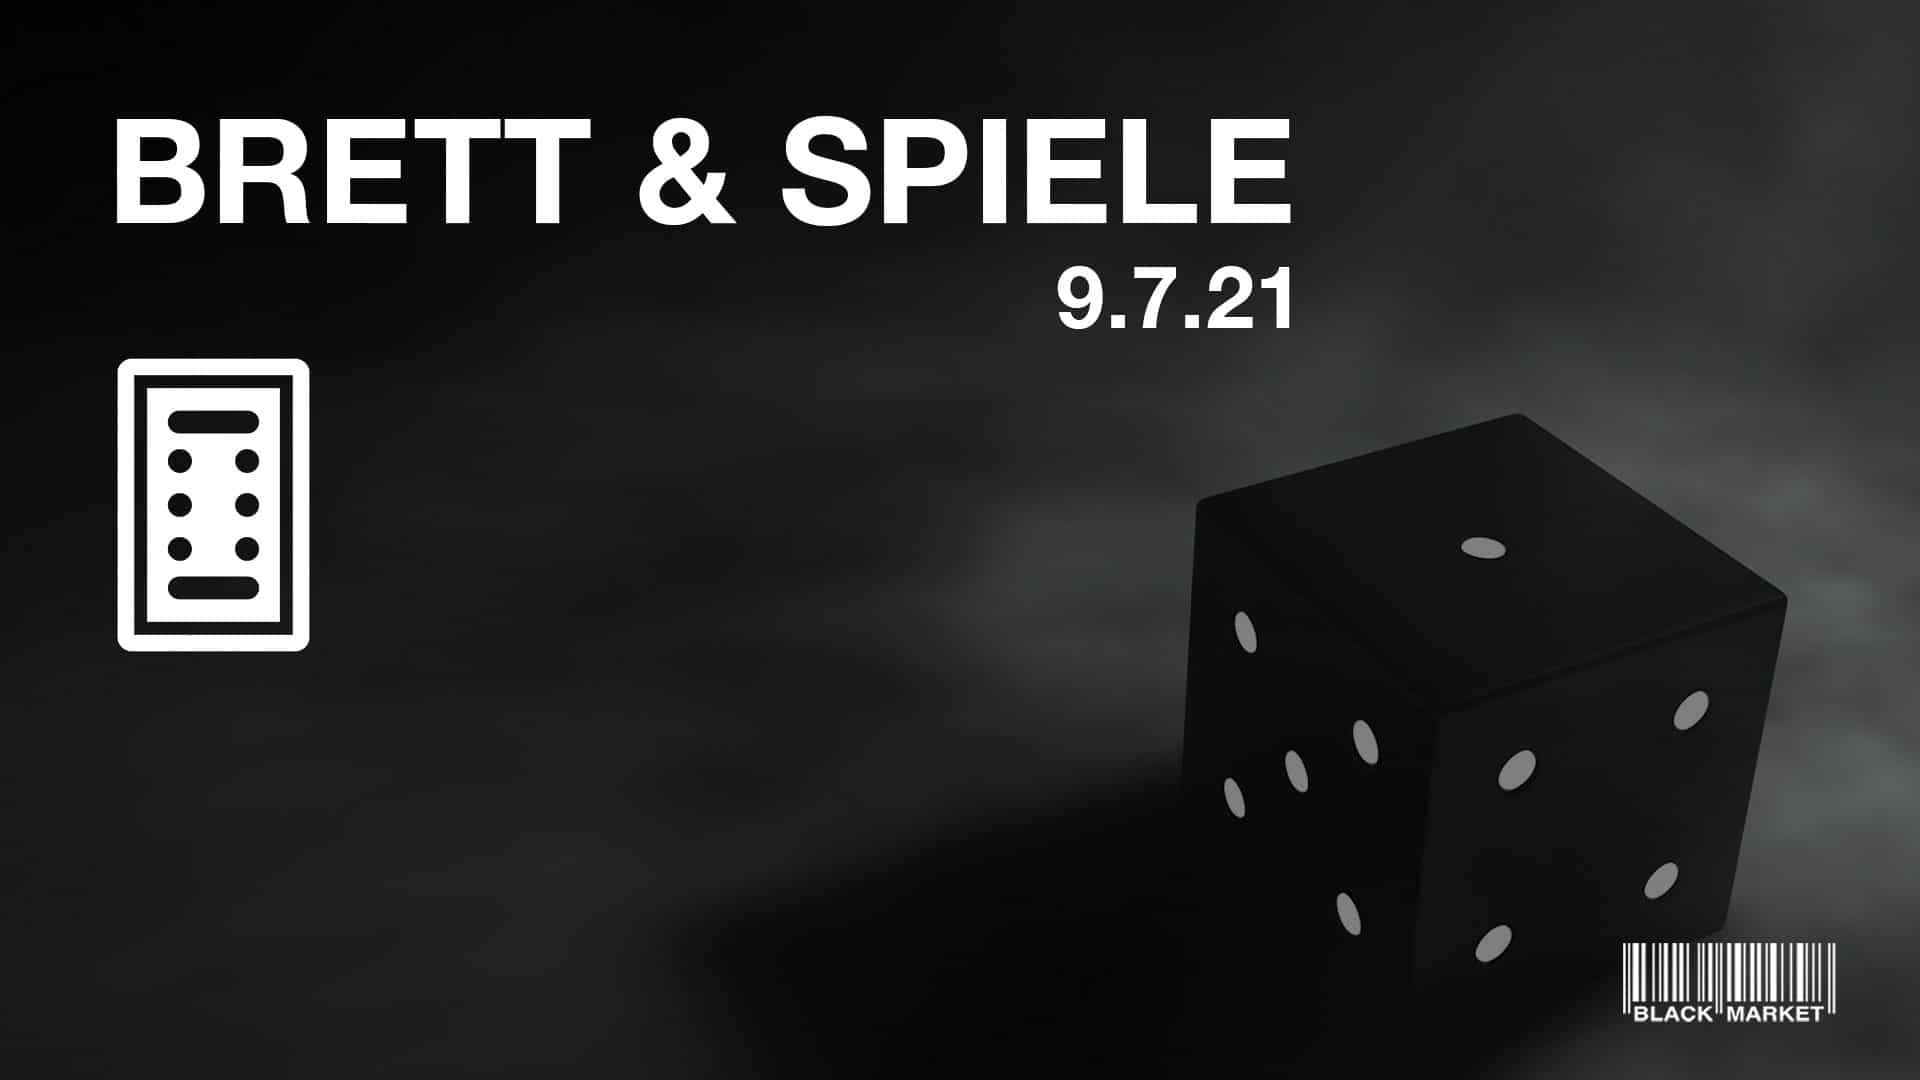 Events Wien: Black Market invites BRETT & SPIELE